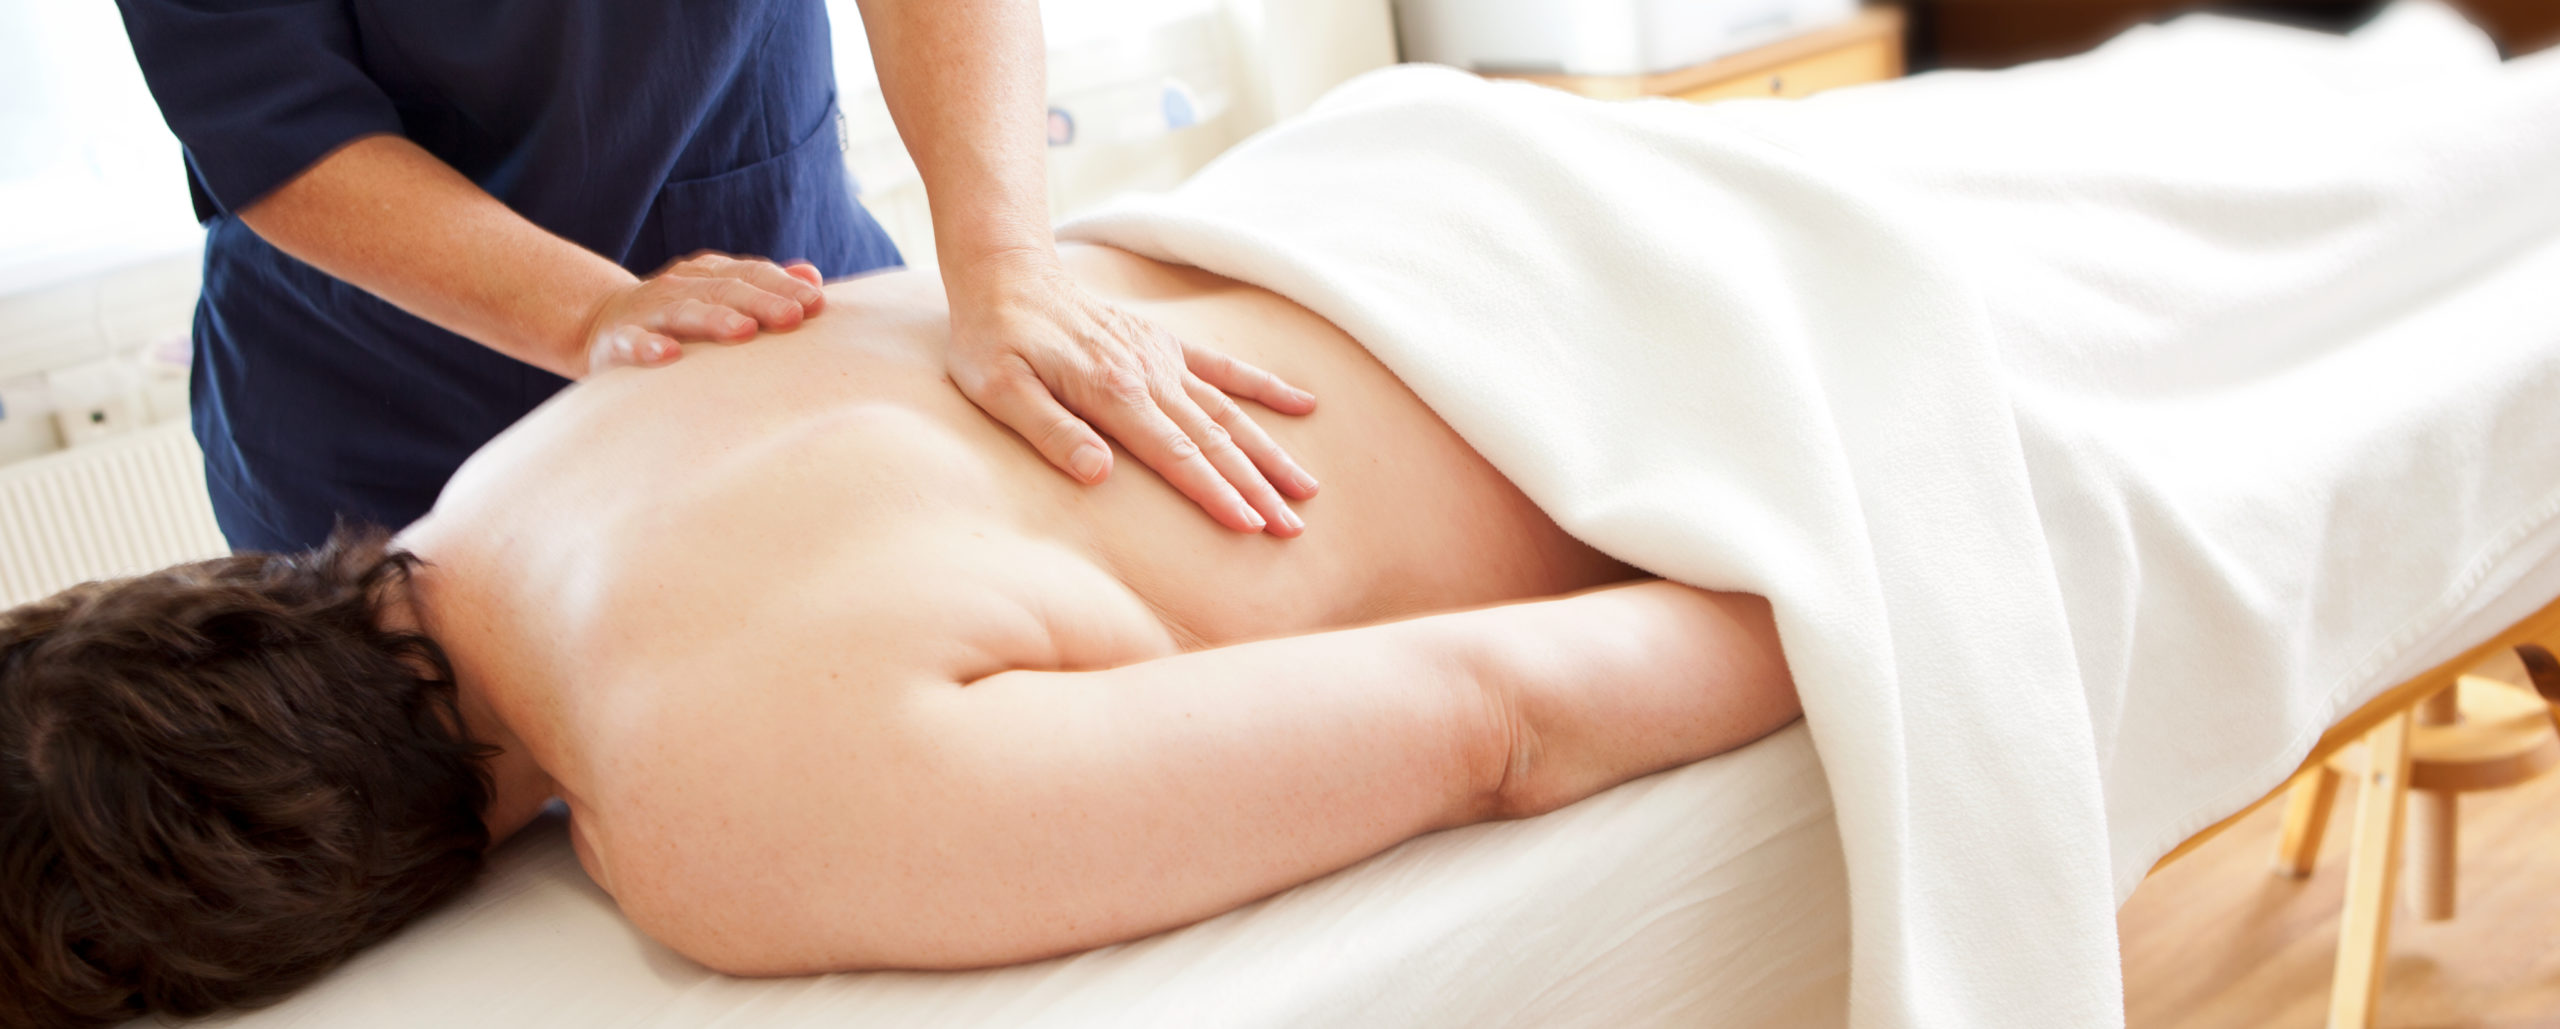 Psykomotorisk fysioterapi er en kombinasjon av samtale og fysikalsk behandling som bevegelse, øvelser, massasje og berøring - Snøhetta Terapi